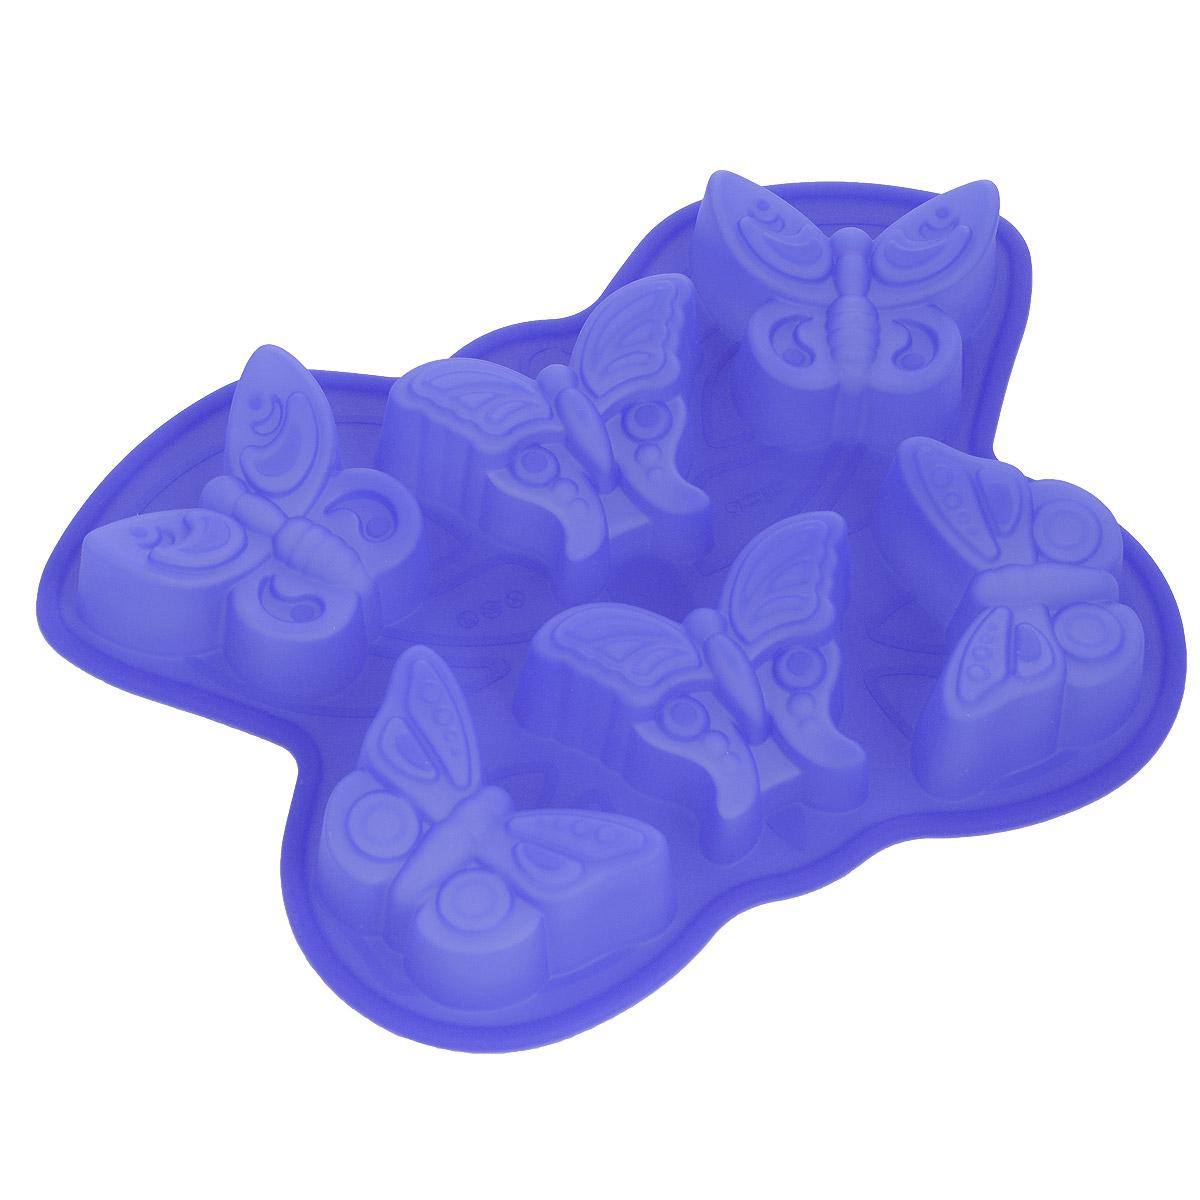 Форма для выпечки Bekker Бабочки, силиконовая, цвет: синий, 6 ячеекBK-9452Форма для выпечки Bekker Бабочки изготовлена из силикона. Силиконовые формы для выпечки имеют много преимуществ по сравнению с традиционными металлическими формами и противнями. Они идеально подходят для использования в микроволновых, газовых и электрических печах при температурах до +250°С. В случае заморозки до -50°С. Можно мыть в посудомоечной машине. За счет высокой теплопроводности силикона изделия выпекаются заметно быстрее. Благодаря гибкости и антиприлипающим свойствам силикона, готовое изделие легко извлекается из формы. Для этого достаточно отогнуть края и вывернуть форму (выпечке дайте немного остыть, а замороженный продукт лучше вынимать сразу). Силикон абсолютно безвреден для здоровья, не впитывает запахи, не оставляет пятен, легко моется. Форма для выпечки Bekker Бабочки - практичный и необходимый подарок любой хозяйке!